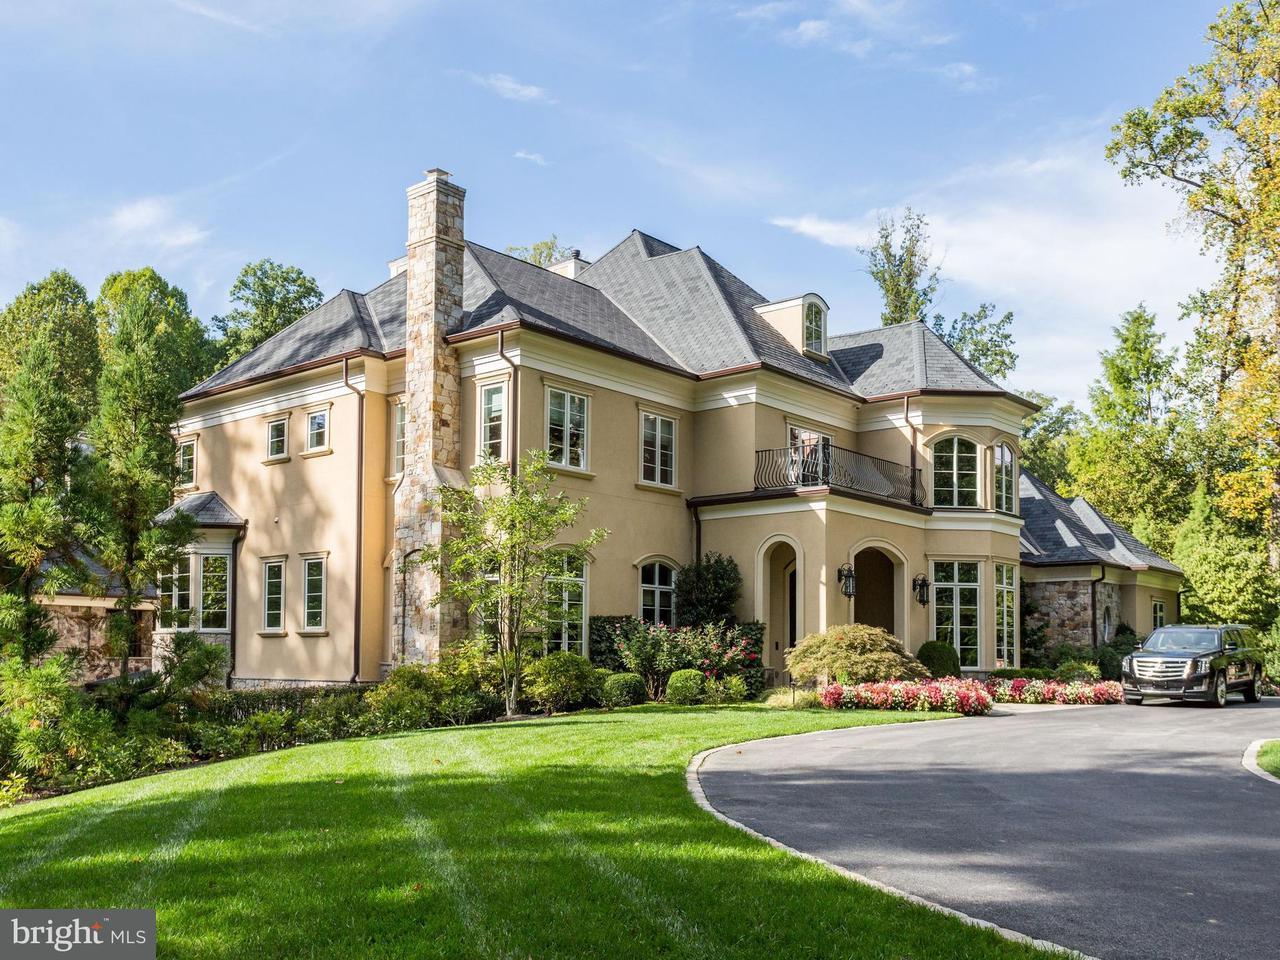 Частный односемейный дом для того Продажа на 9000 BURNING TREE Road 9000 BURNING TREE Road Bethesda, Мэриленд 20817 Соединенные Штаты